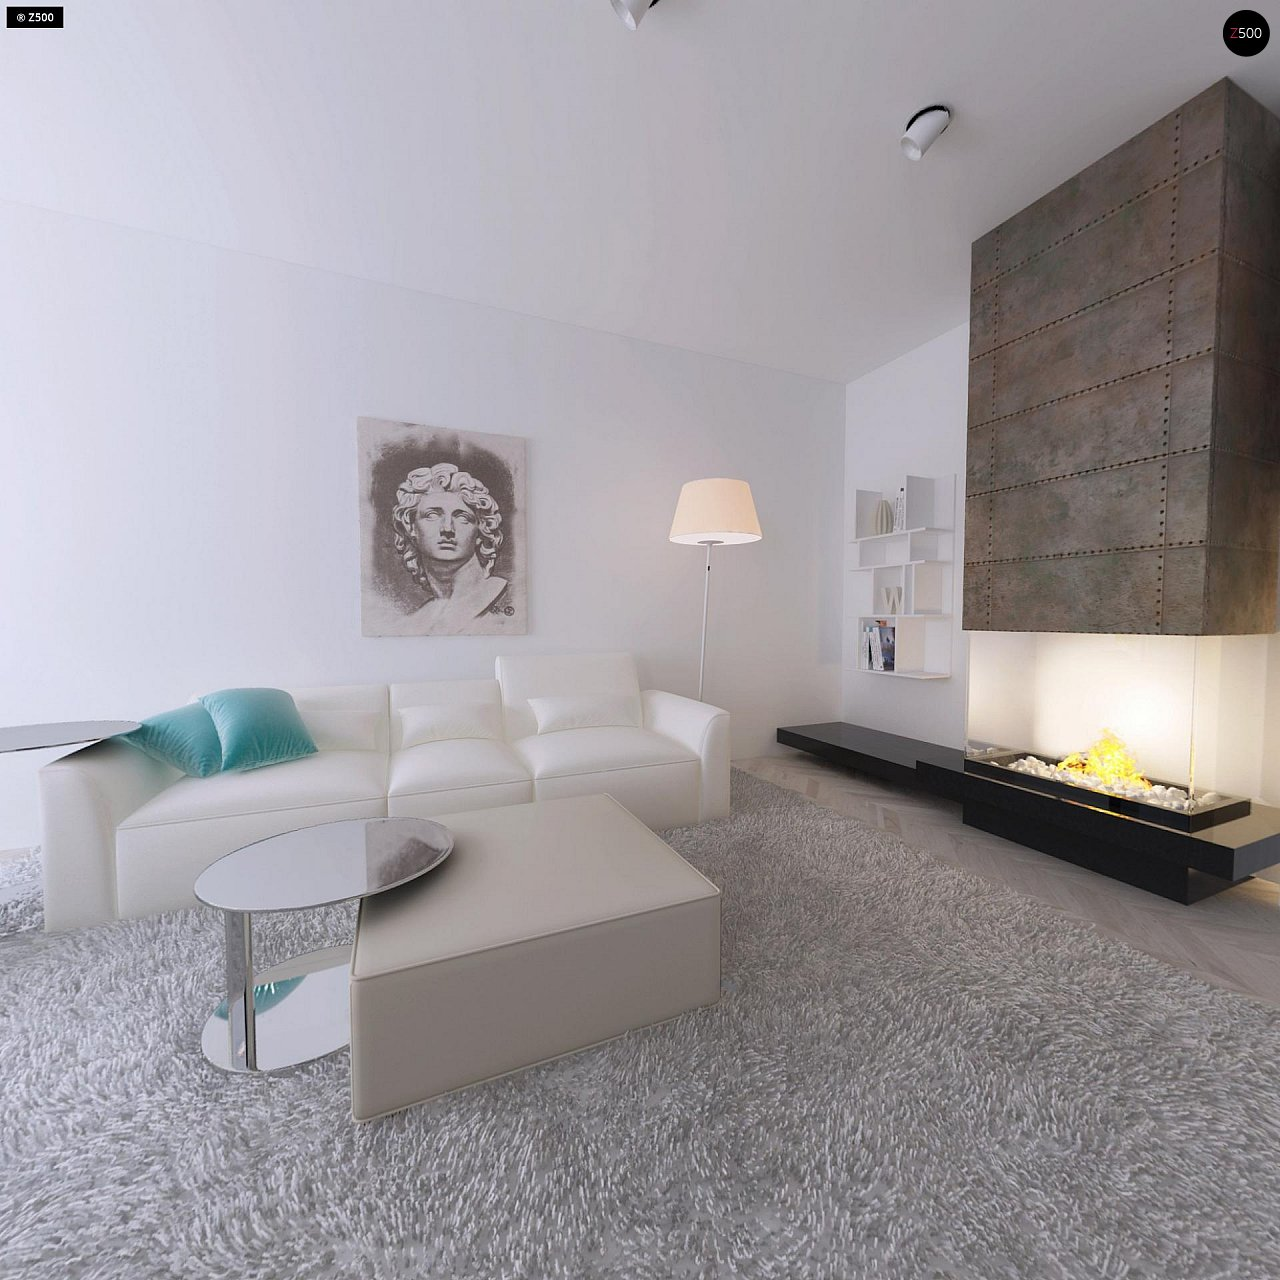 Проект компактного двухэтажного дома строгого современного стиля. 5